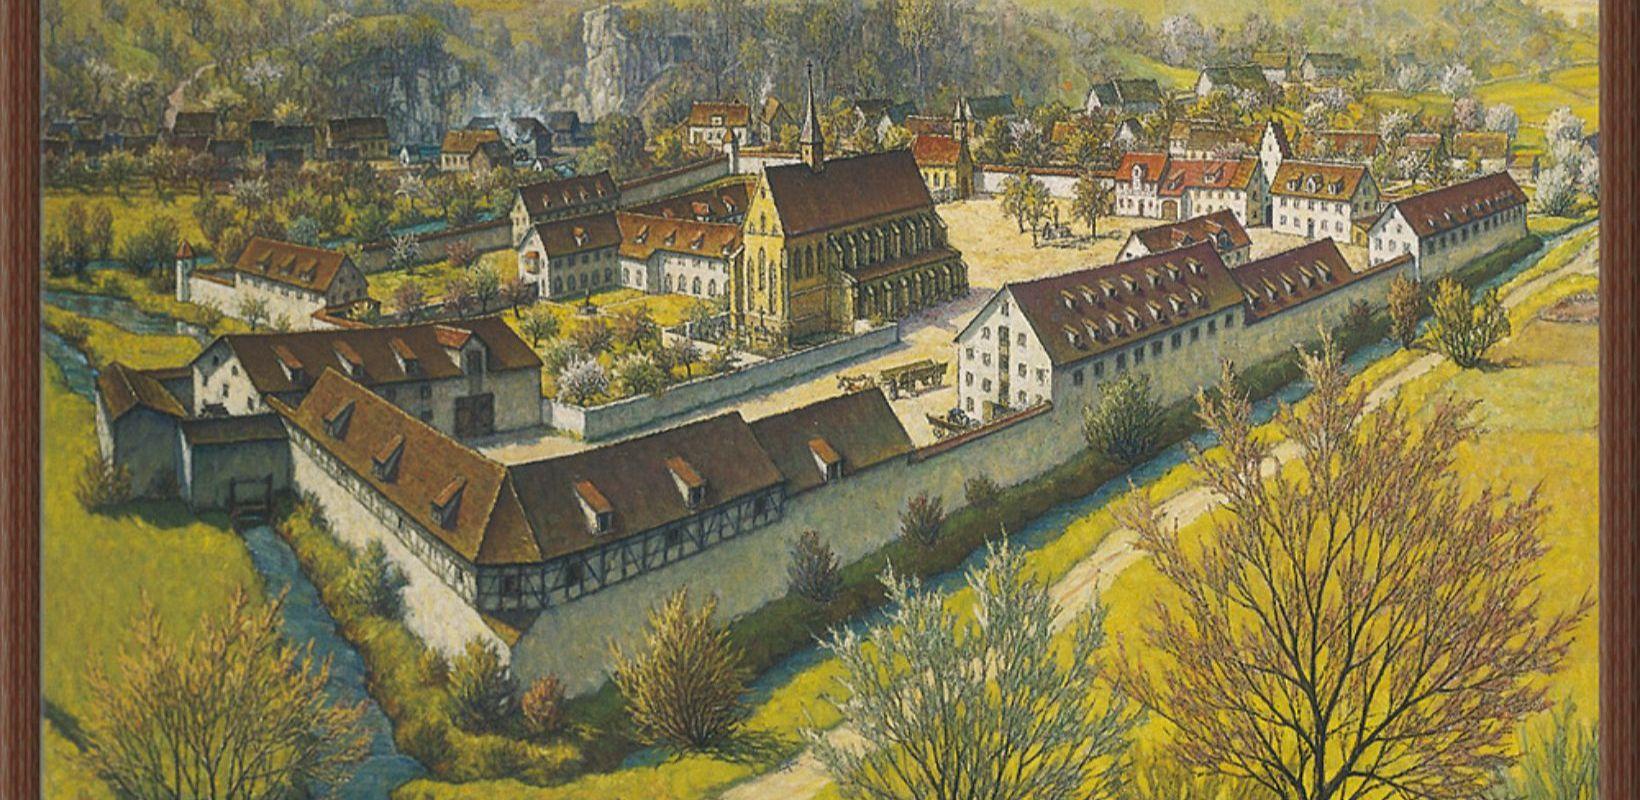 Klosterhof-Areal